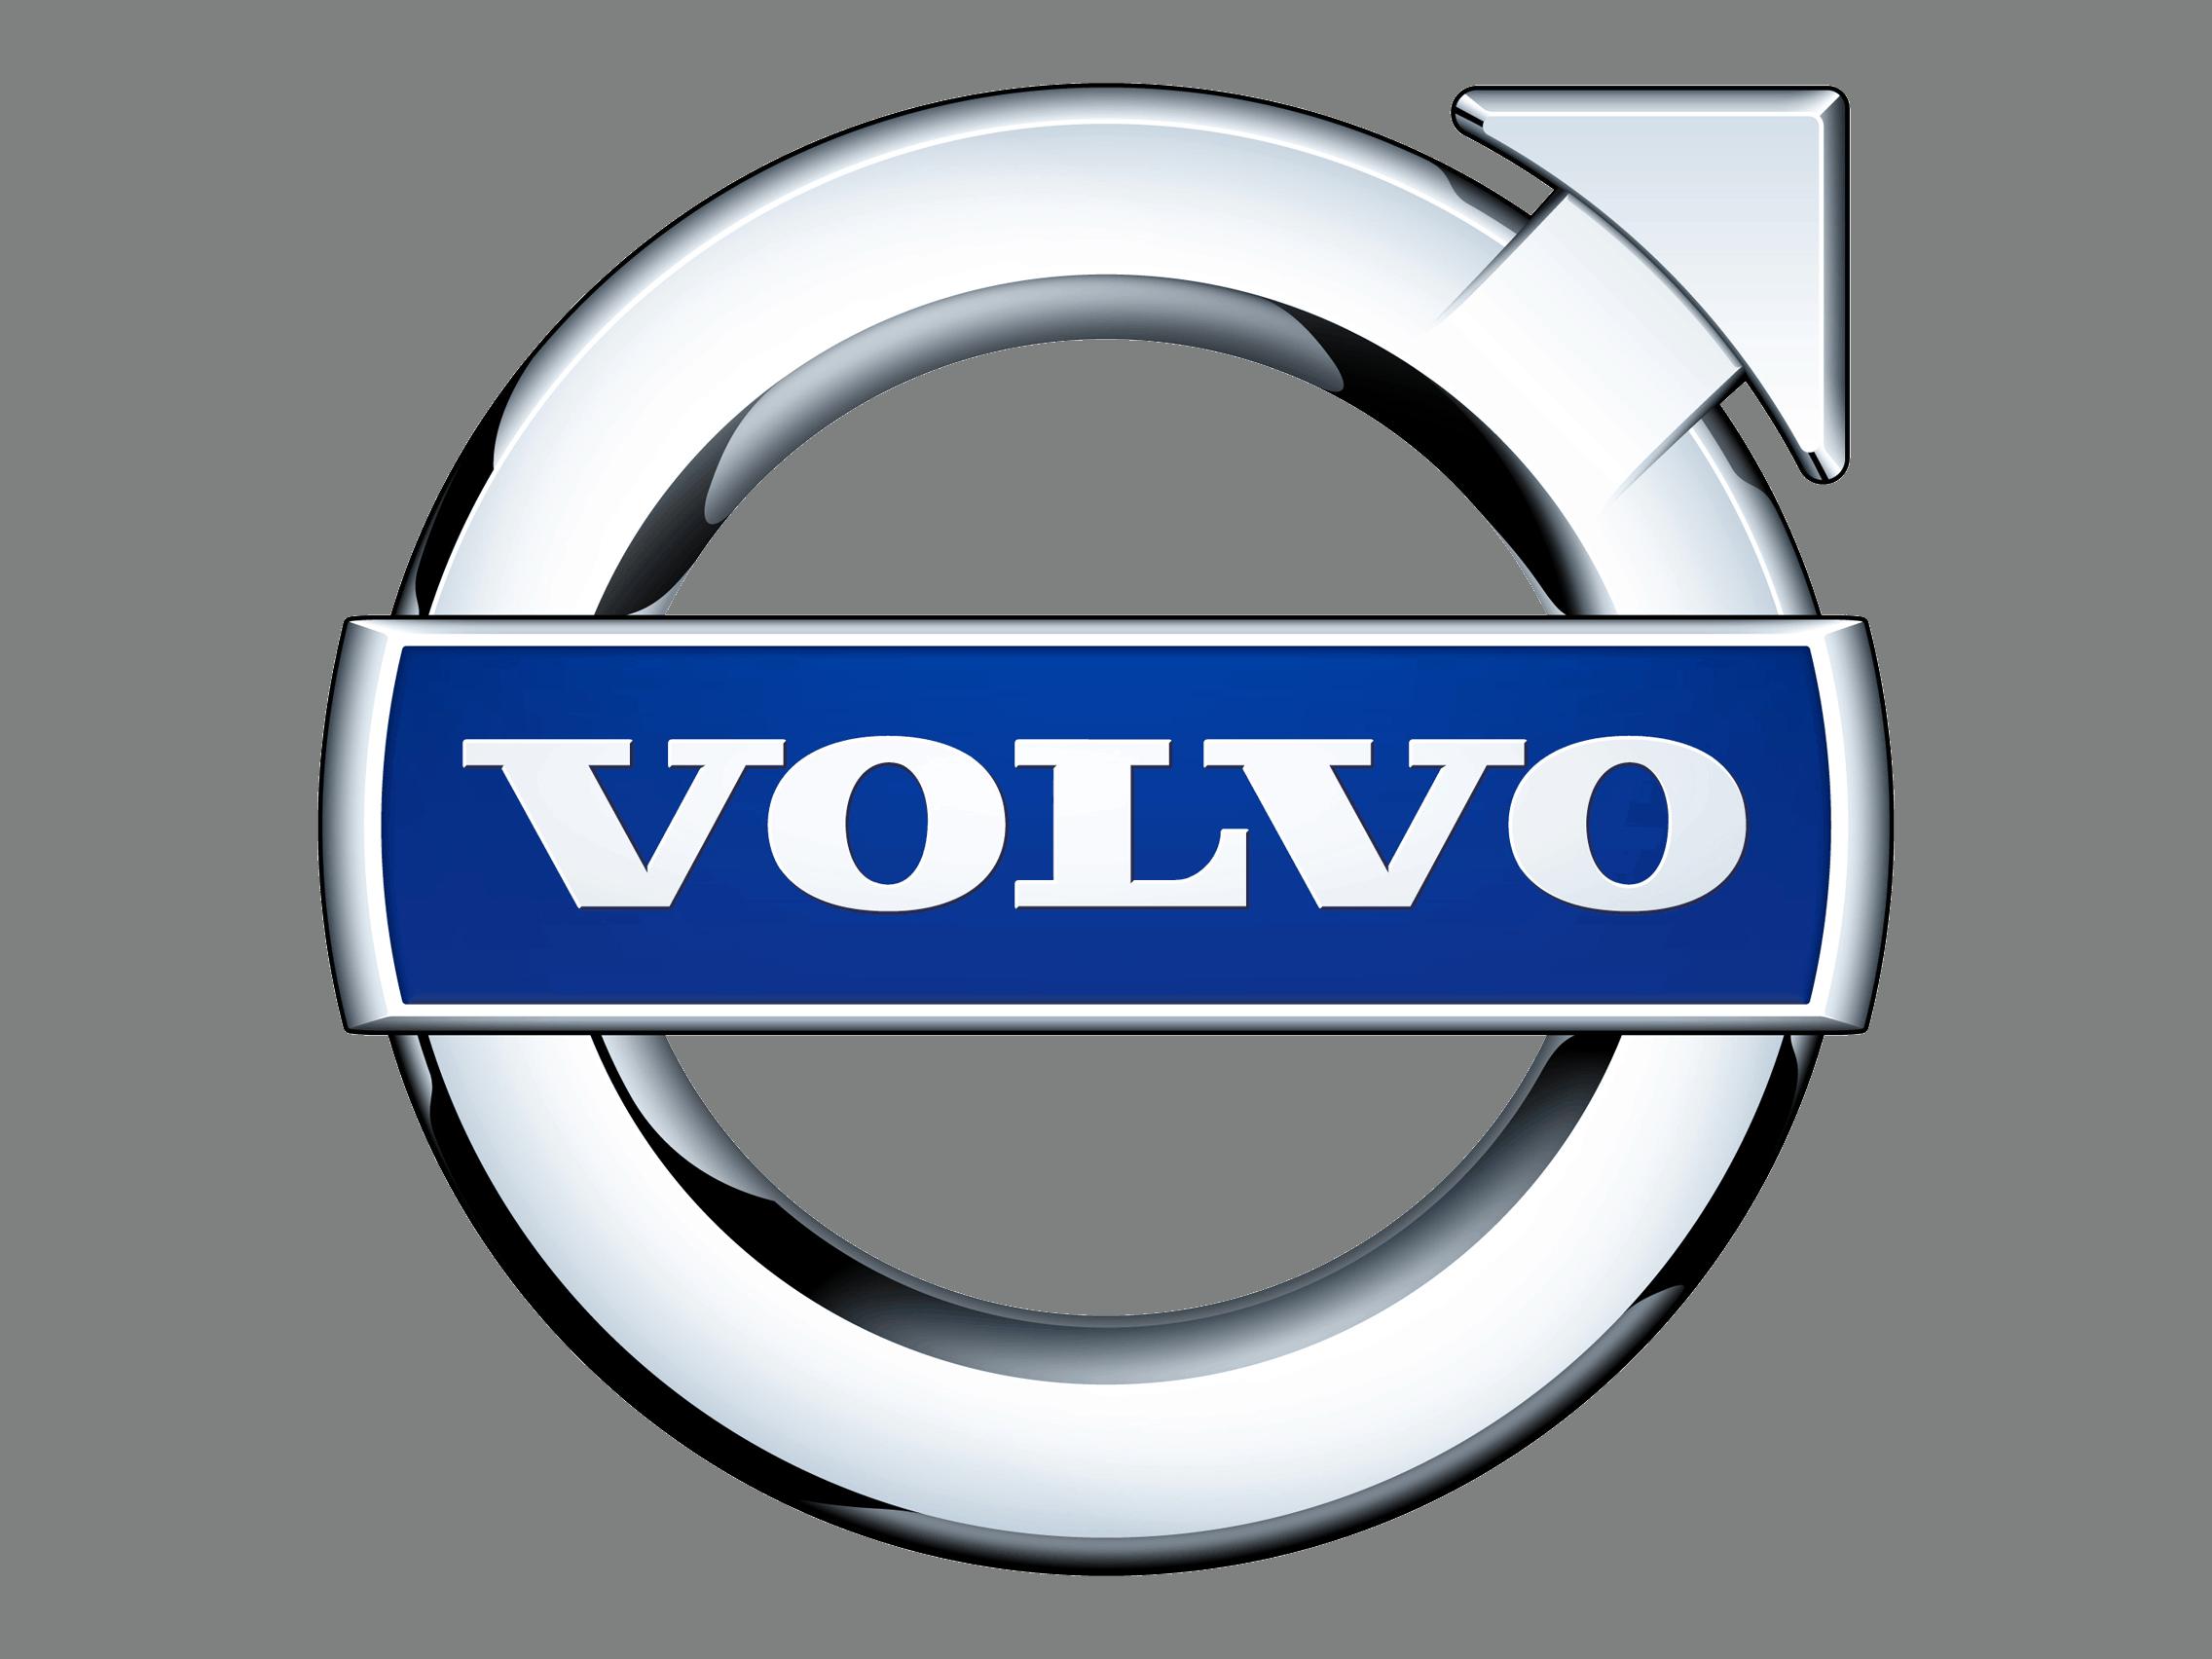 20-те най-известни марки коли и историята на тяхното лого - Muse Creativity студио за реклама и дизайн (1)